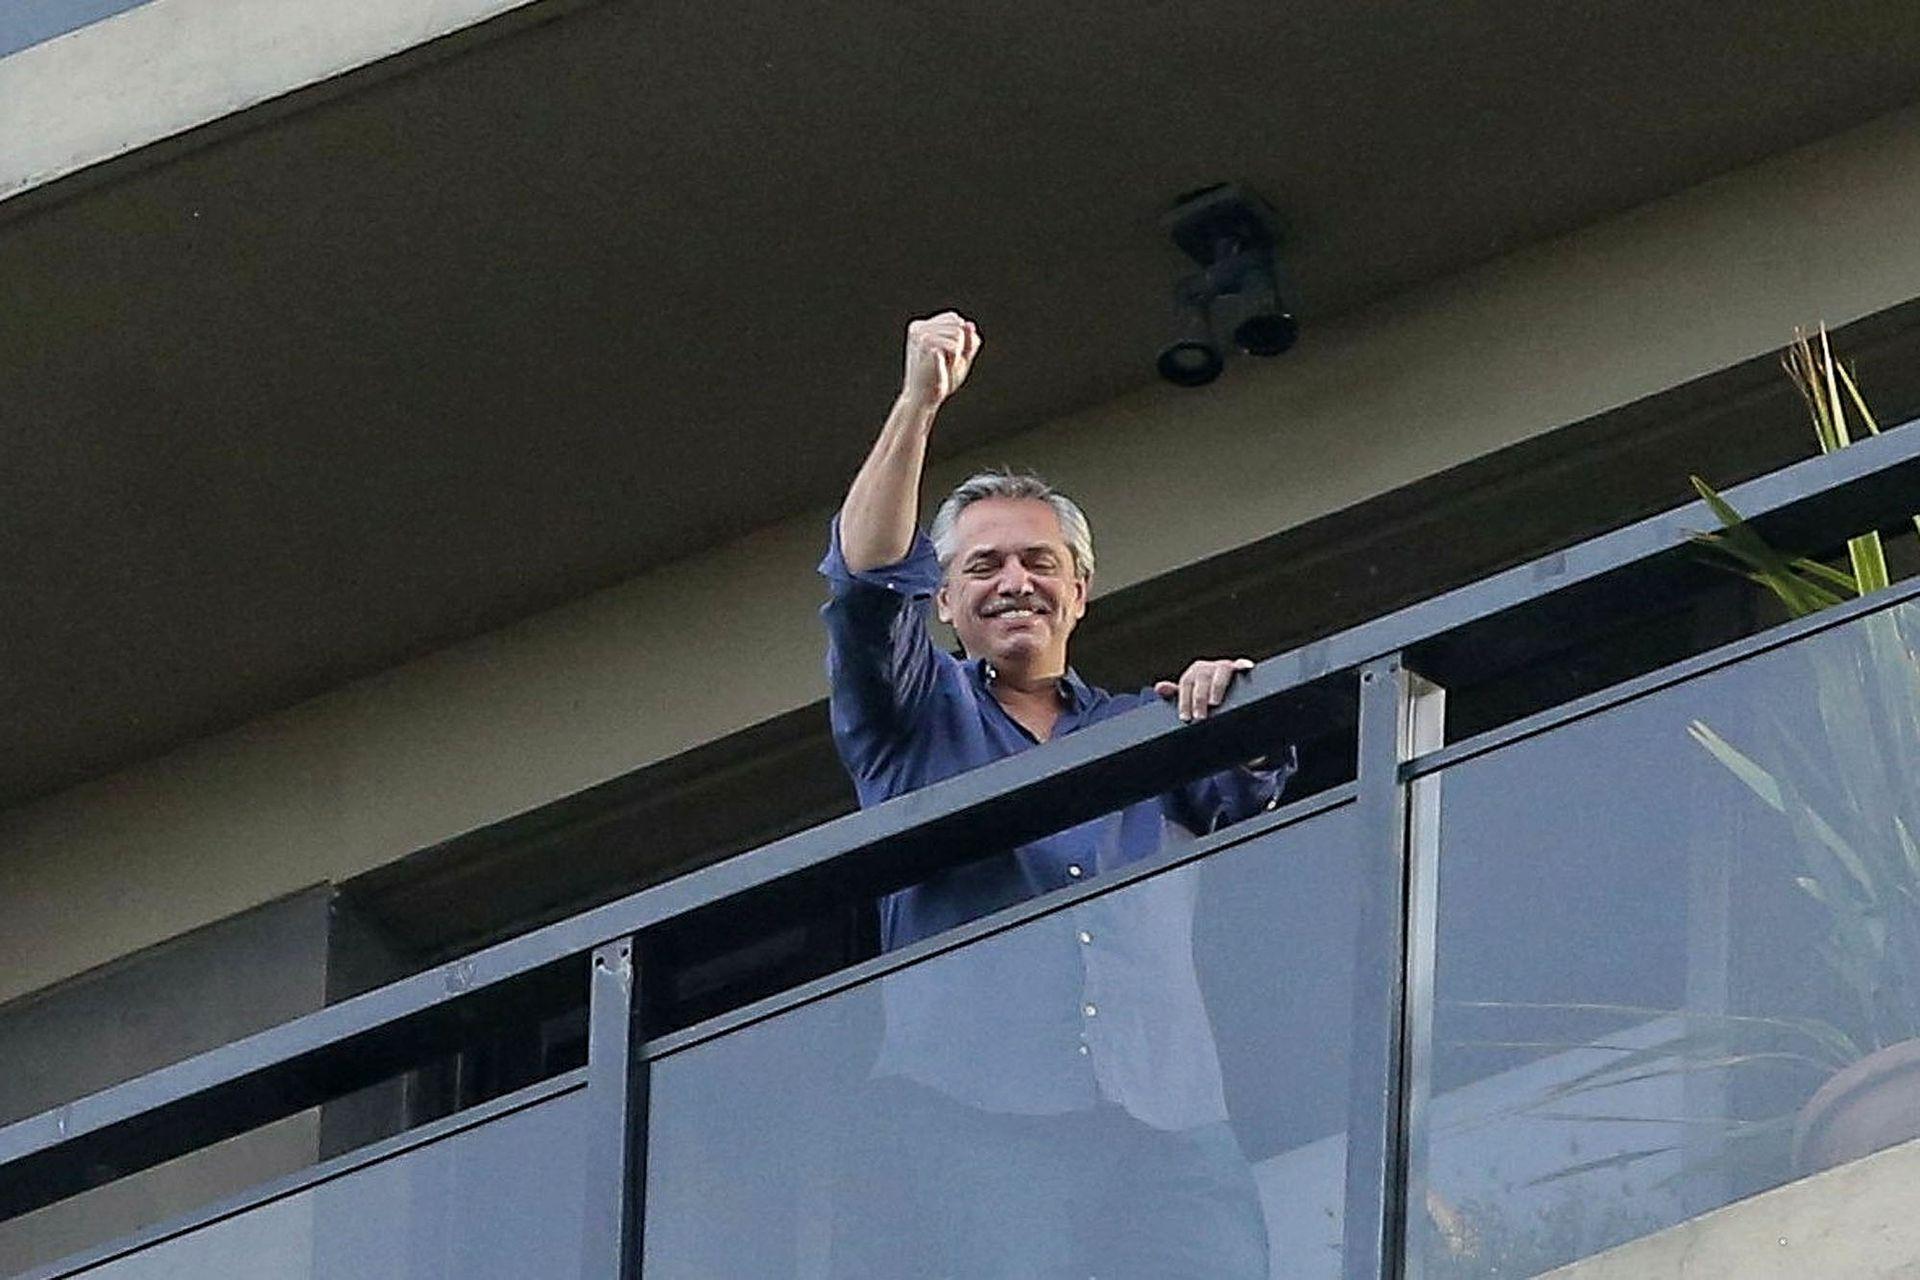 Alberto Fernández saluda desde el balcón de su departamento en el barrio porteño de Puerto Madero, tras el anuncio de Cristina de su candidatura presidencial, el 15 de mayo de 2019